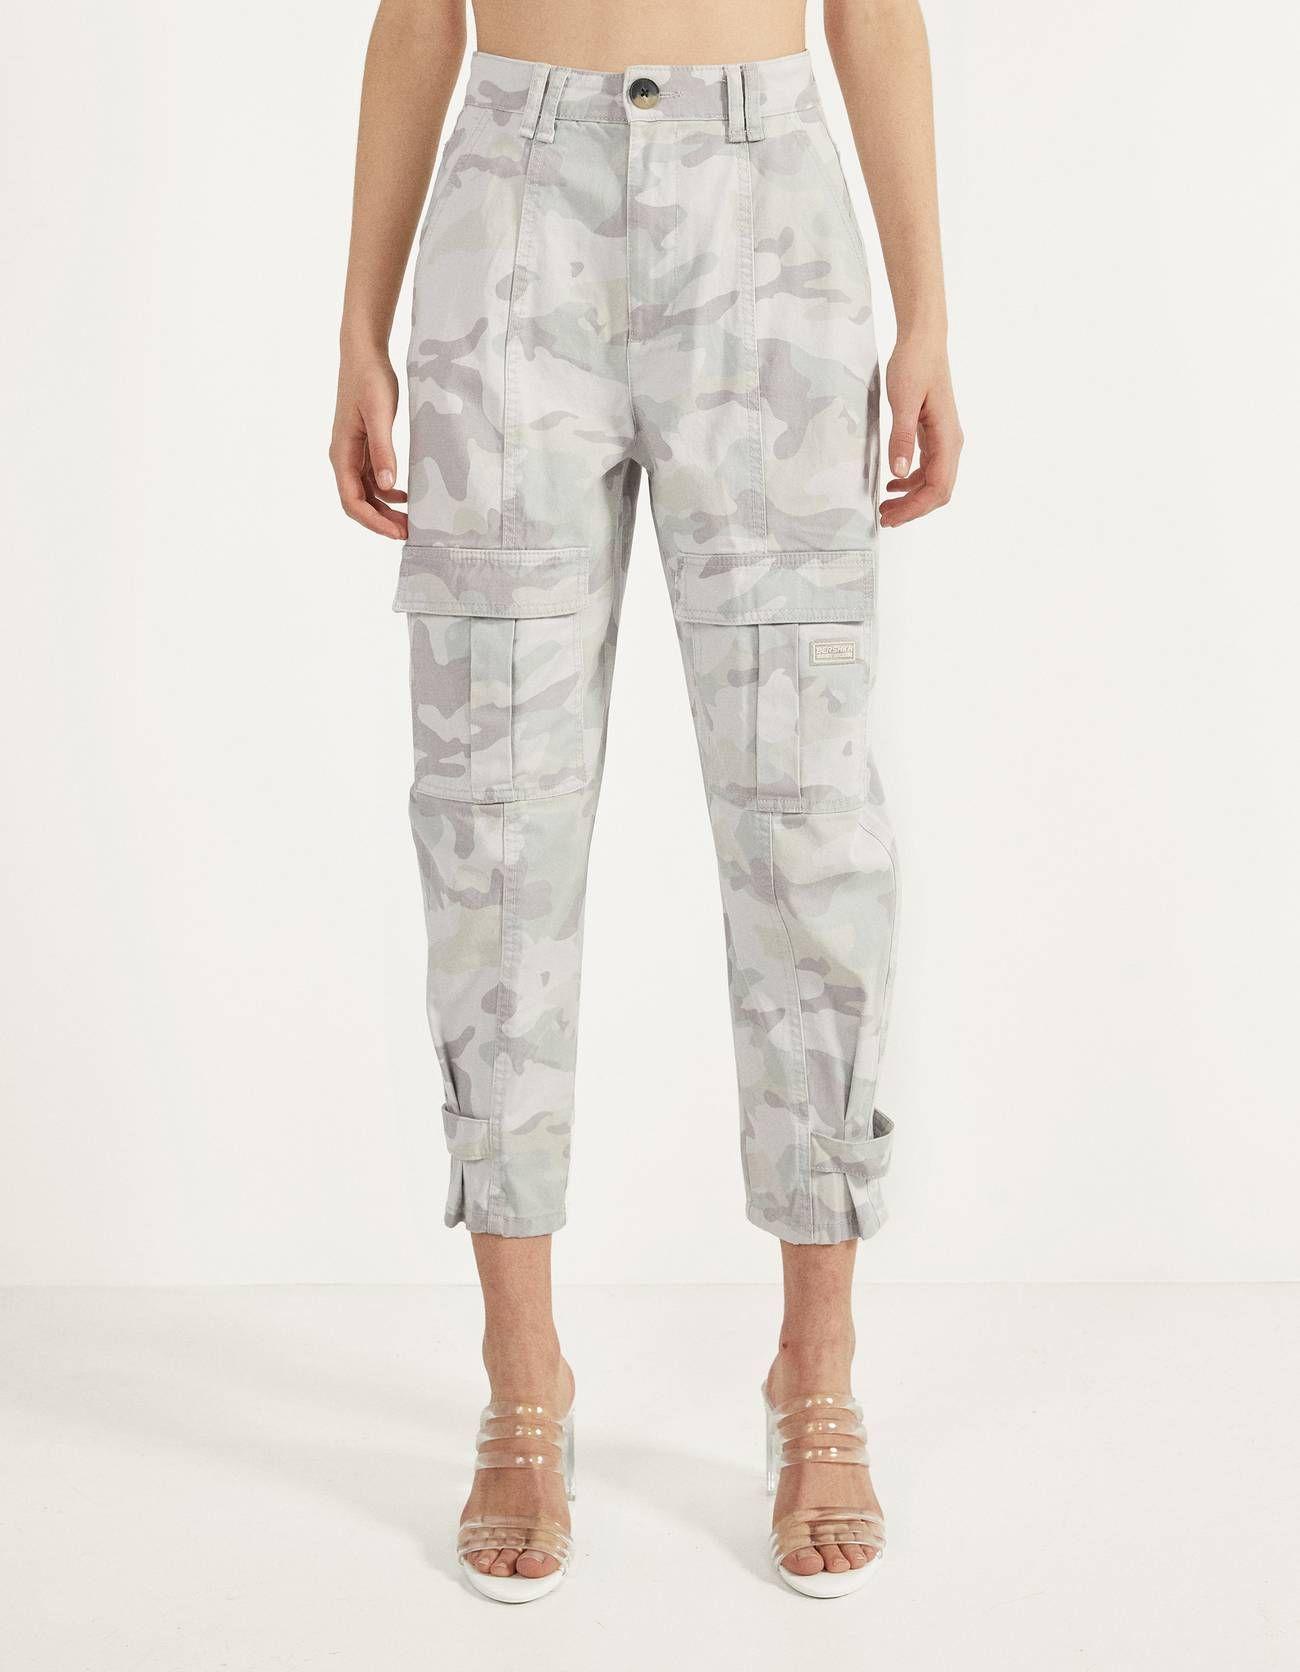 Pantalones Rebajas Mujer Bershka Colombia Pantalones Cargo Bershka Pantalones Estilo Cargo